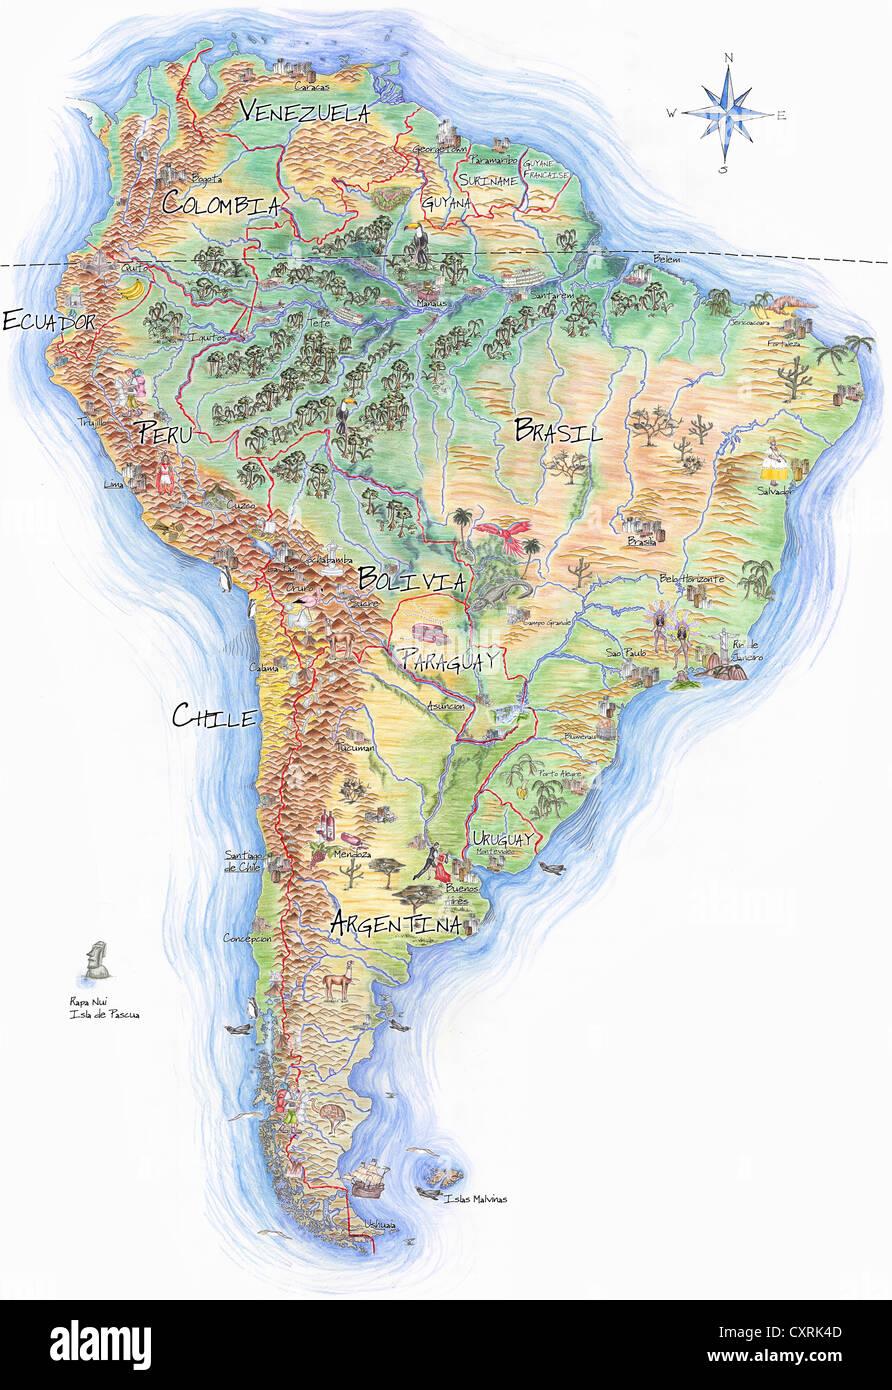 Mapa dibujado a mano de América del Sur Imagen De Stock